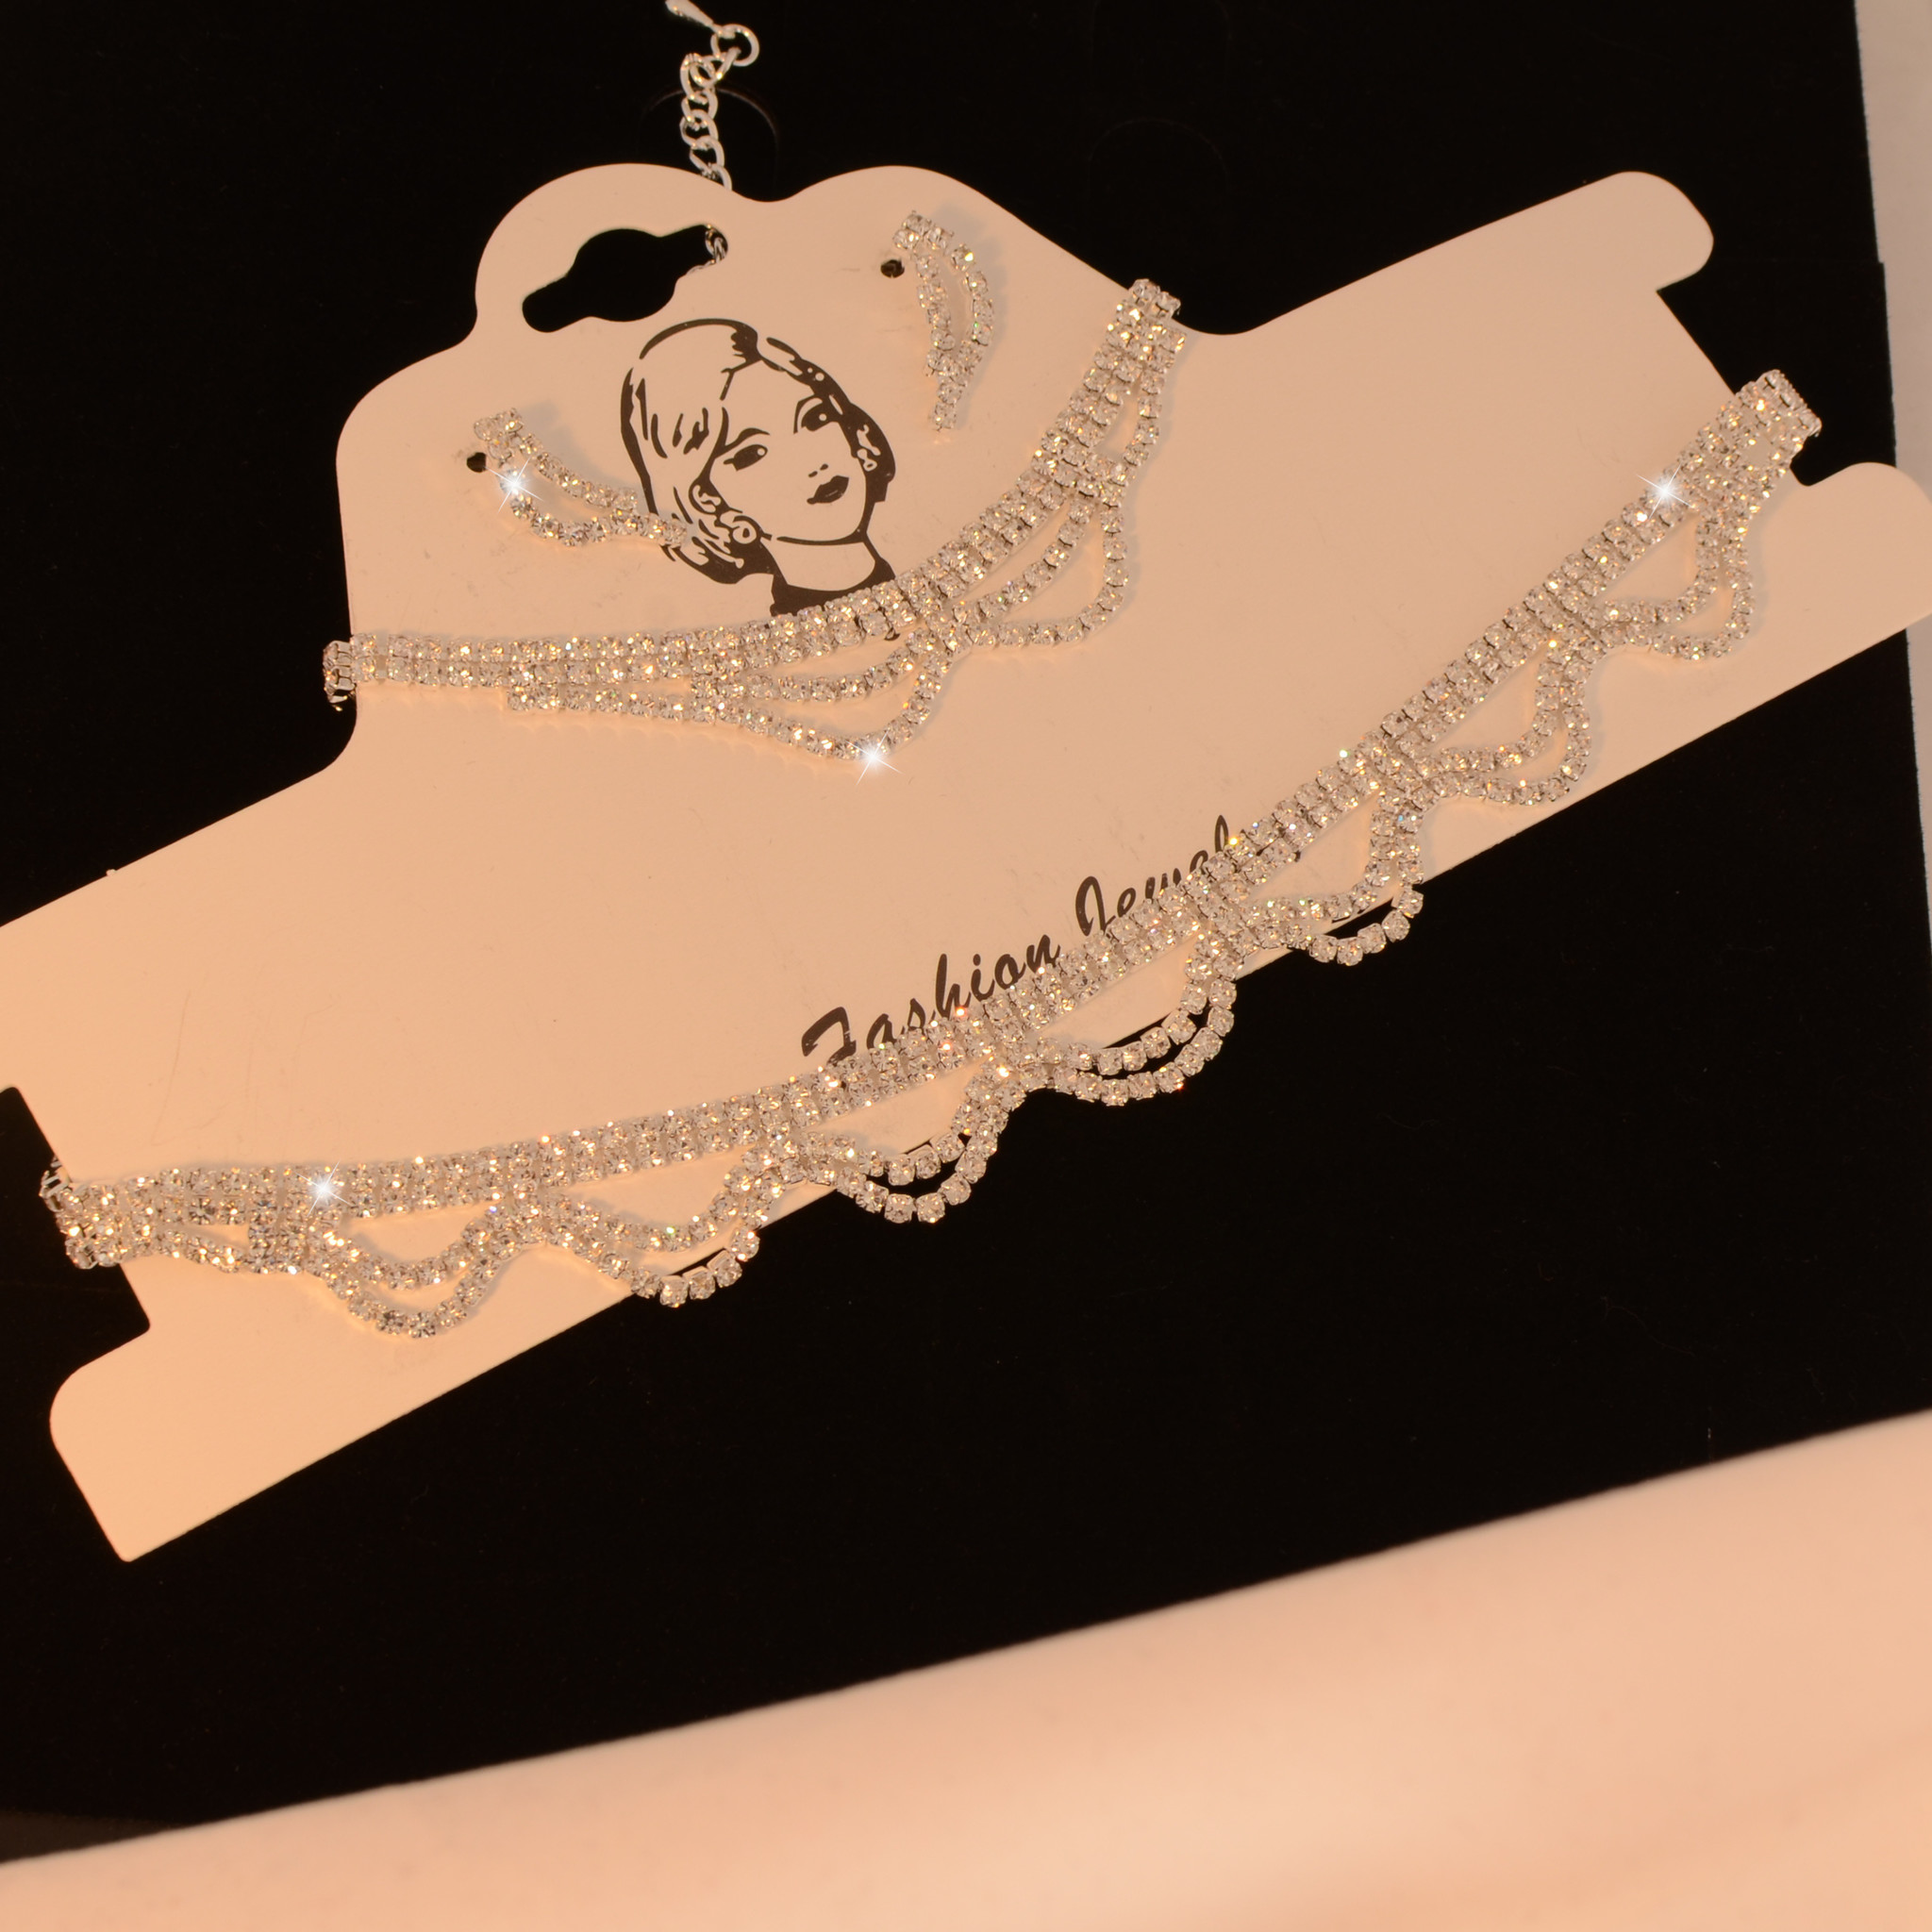 Fashion Jewelry Fijne strass collier - ZIlver + oorbellen en armband